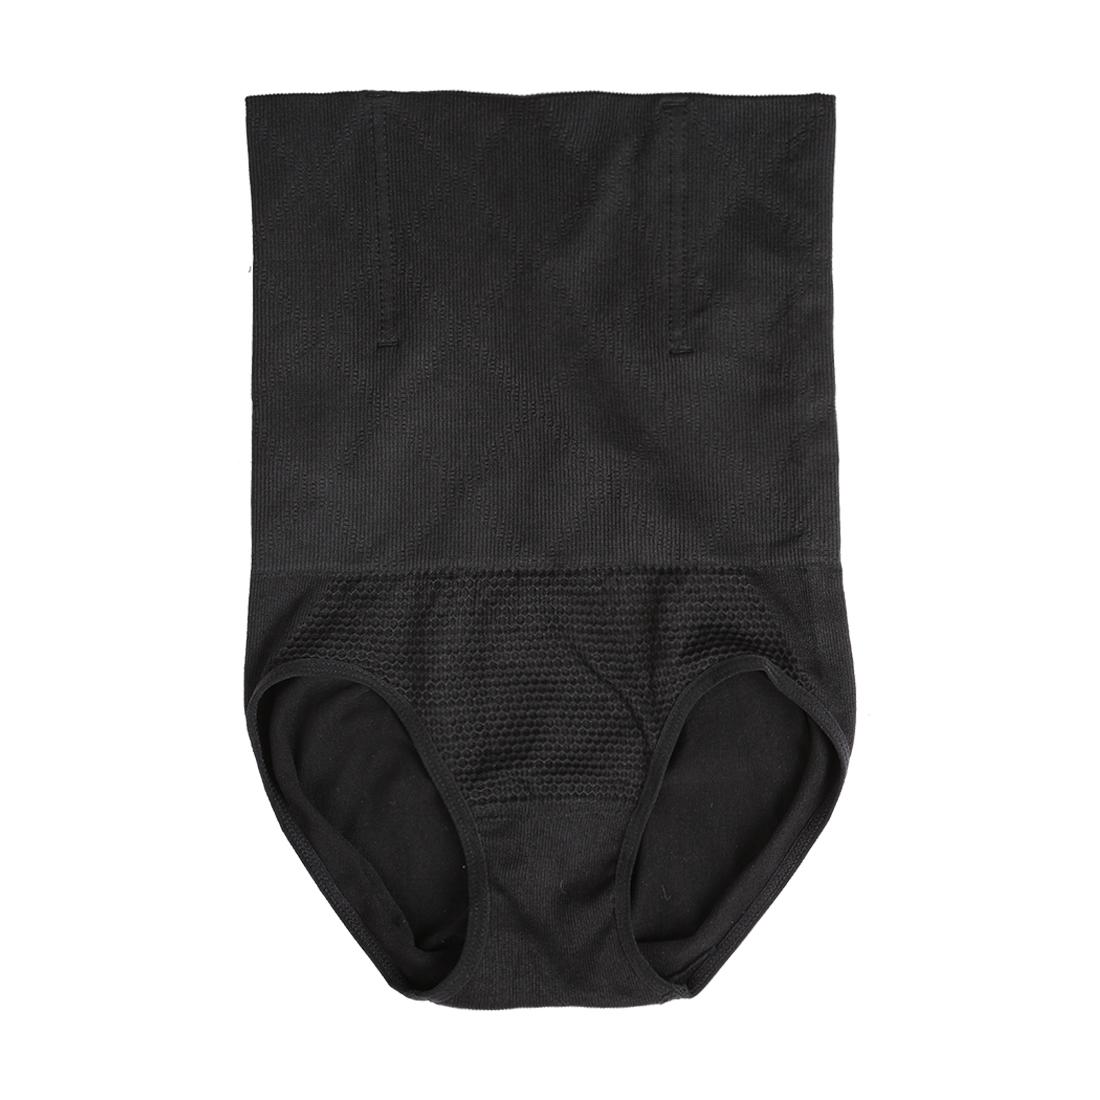 Women Tummy Control Shapewear Postpartum High Waist Brief Black XL/XXL